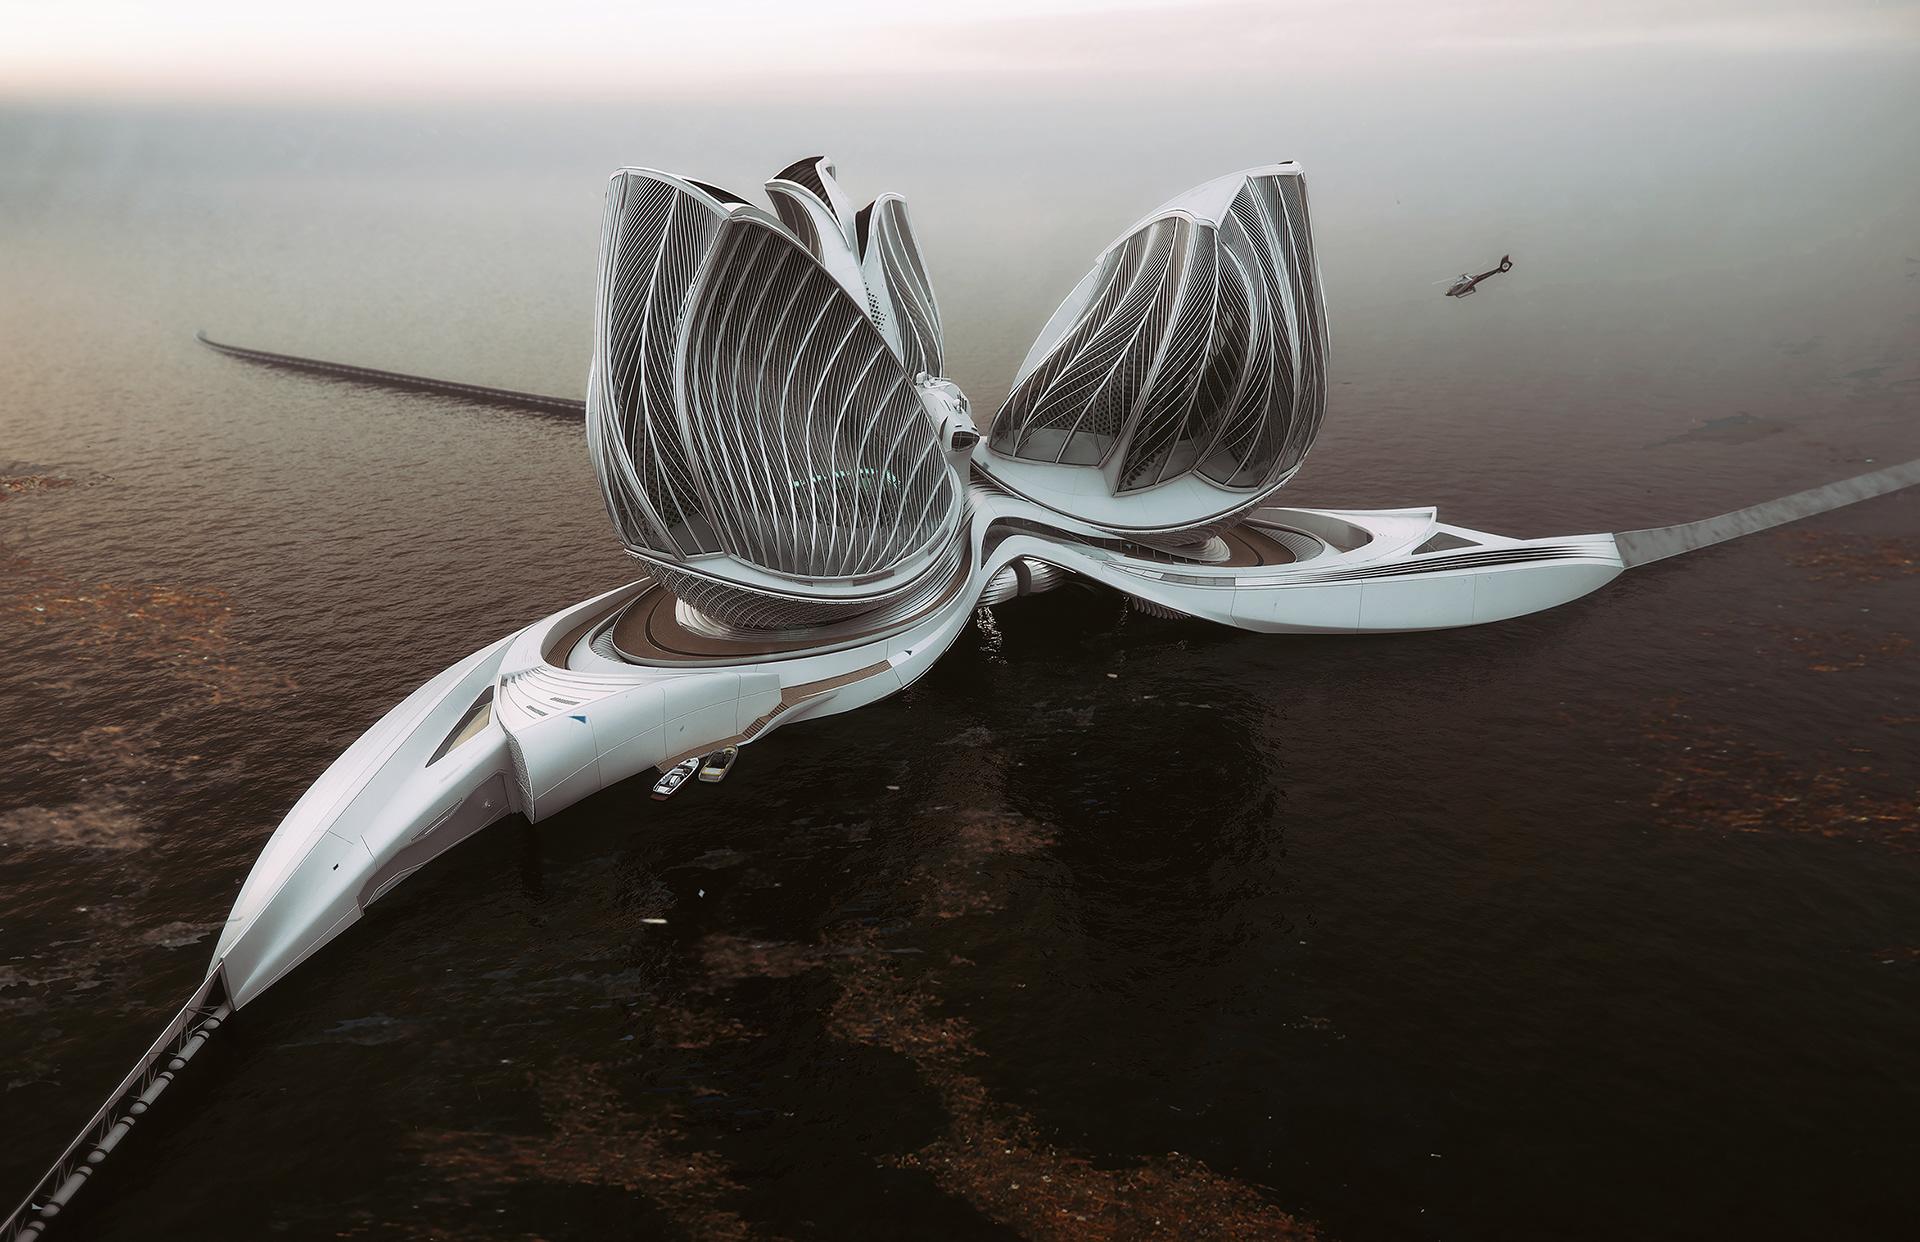 Plávajúca stanica čistí oceán od plastov. Slovenka za ňu získala prestížnu cenu